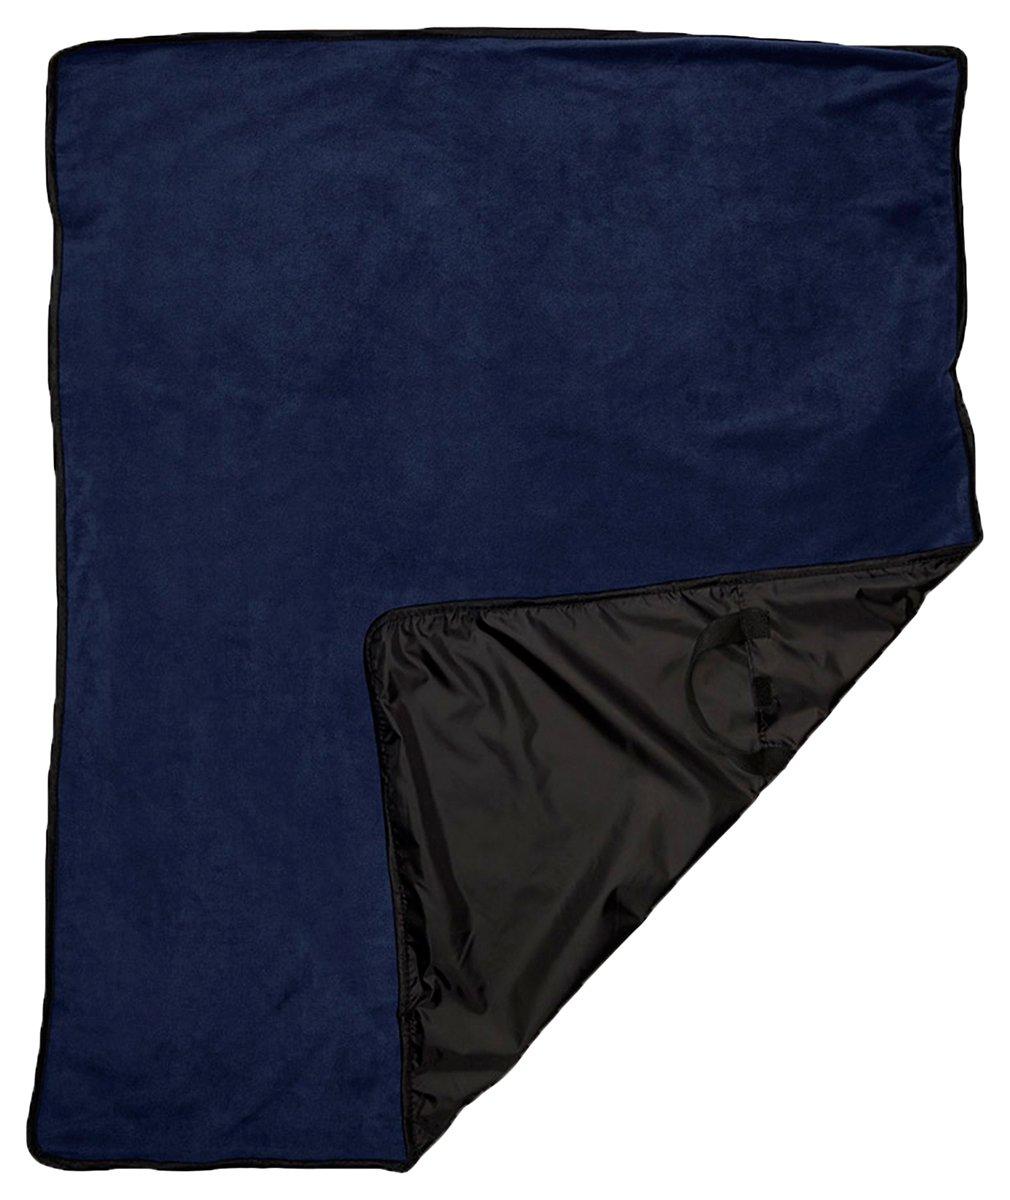 ウルトラクラブ撥水持ち運び簡単フルサイズピクニックブランケット B00V2NRH5A ネイビー One Size One Size|ネイビー